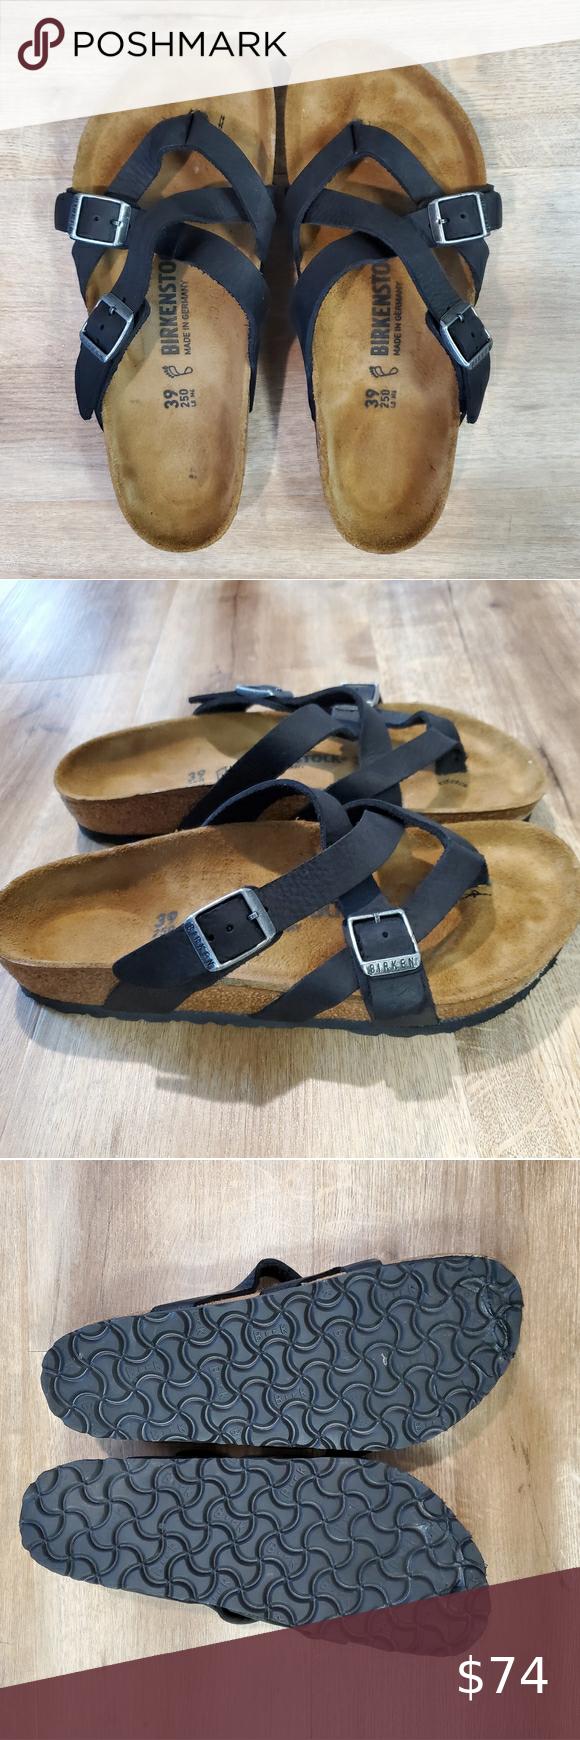 Birkenstock Temara Sandals Size 39 in